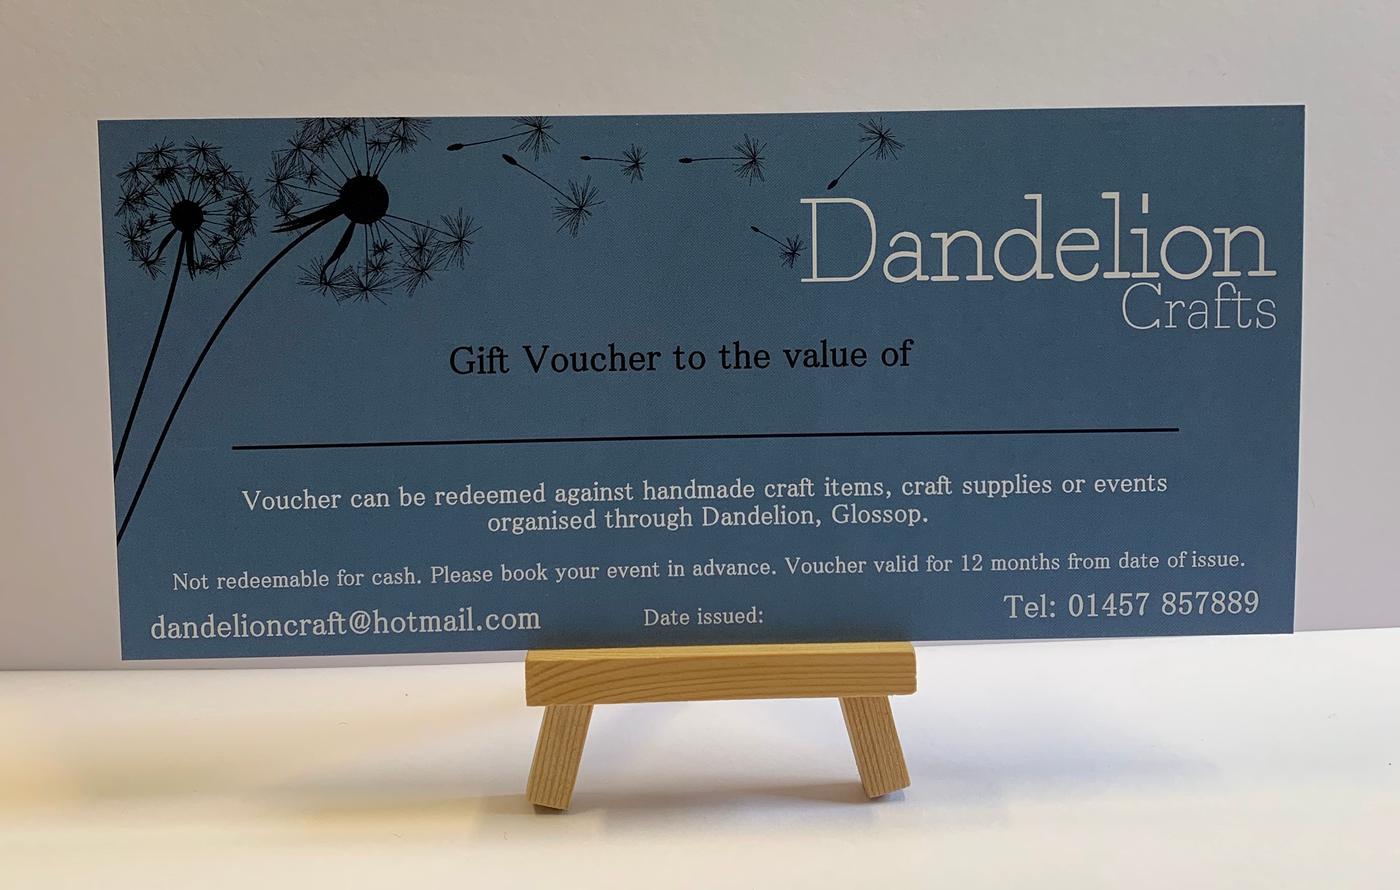 Dandelion Gift Voucher